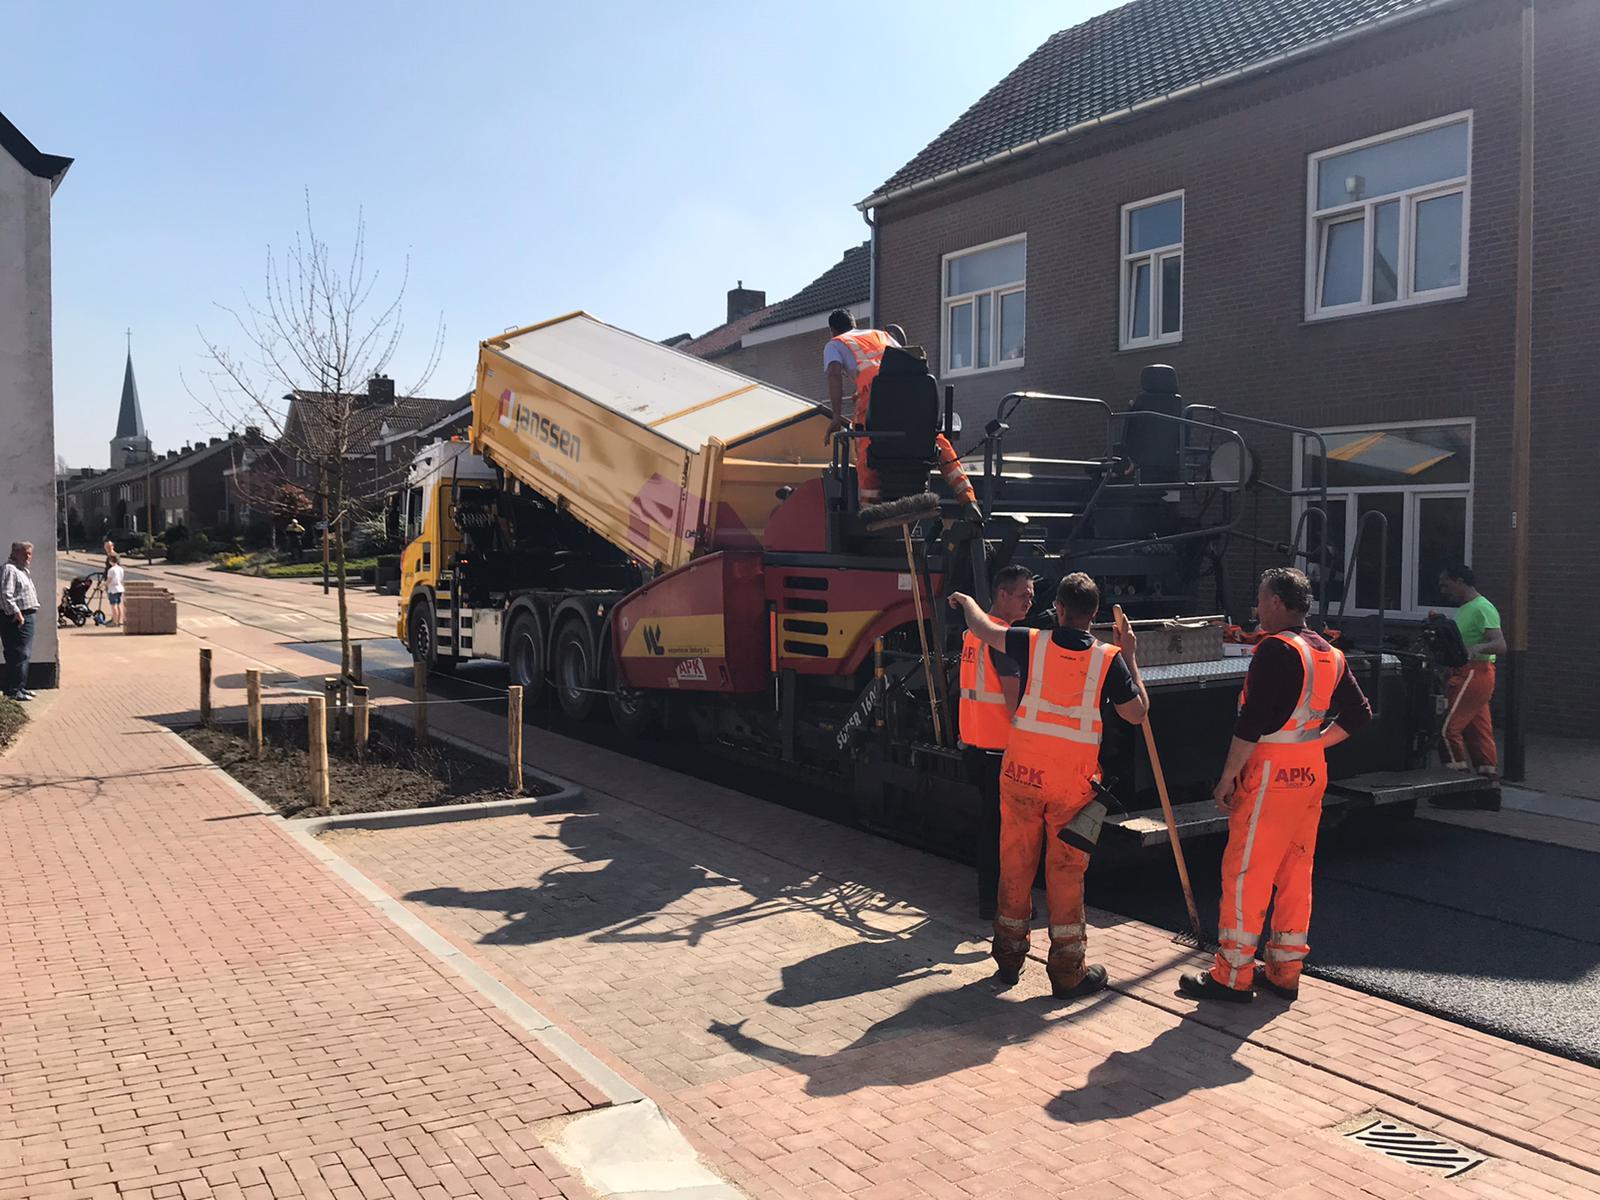 Van-APK-Wegenbouw-hebben-wij-het-meerjarig-contract-gegund-gekregen-voor-het-asfalttransport-en-het-vervoer-van-hun-asfaltsets-nieuwe-Scania-8x4-kraanauto-met-dieplader-en-de-nie-4